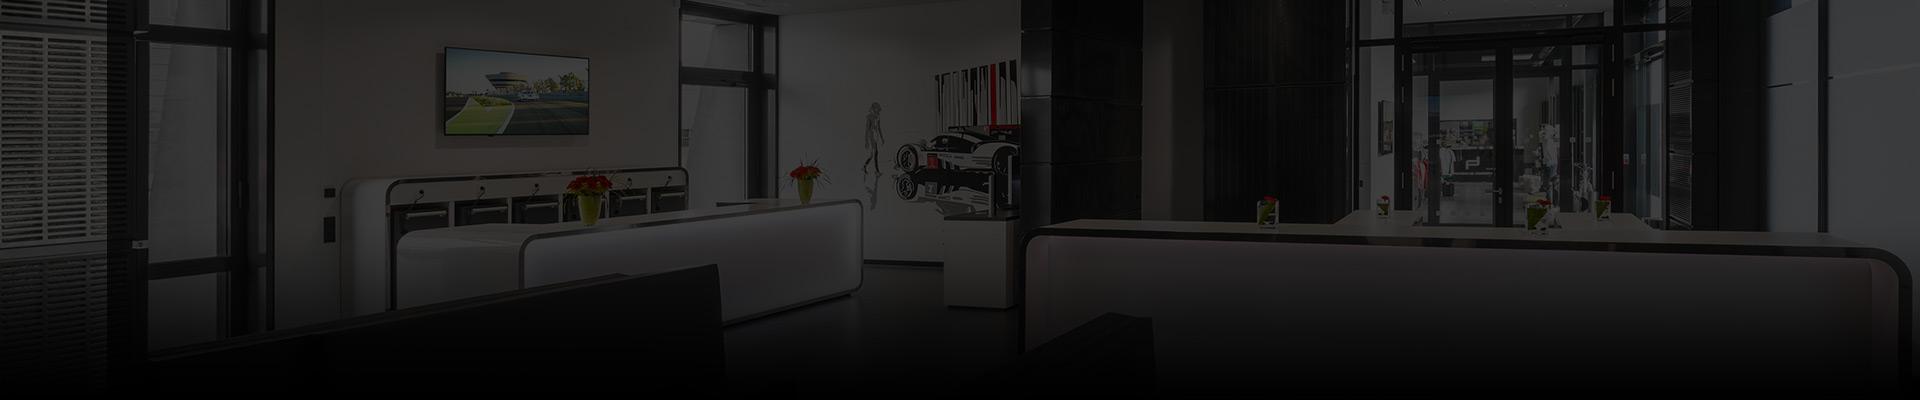 Porsche Modelli 718 GTS - Maggiori informazioni